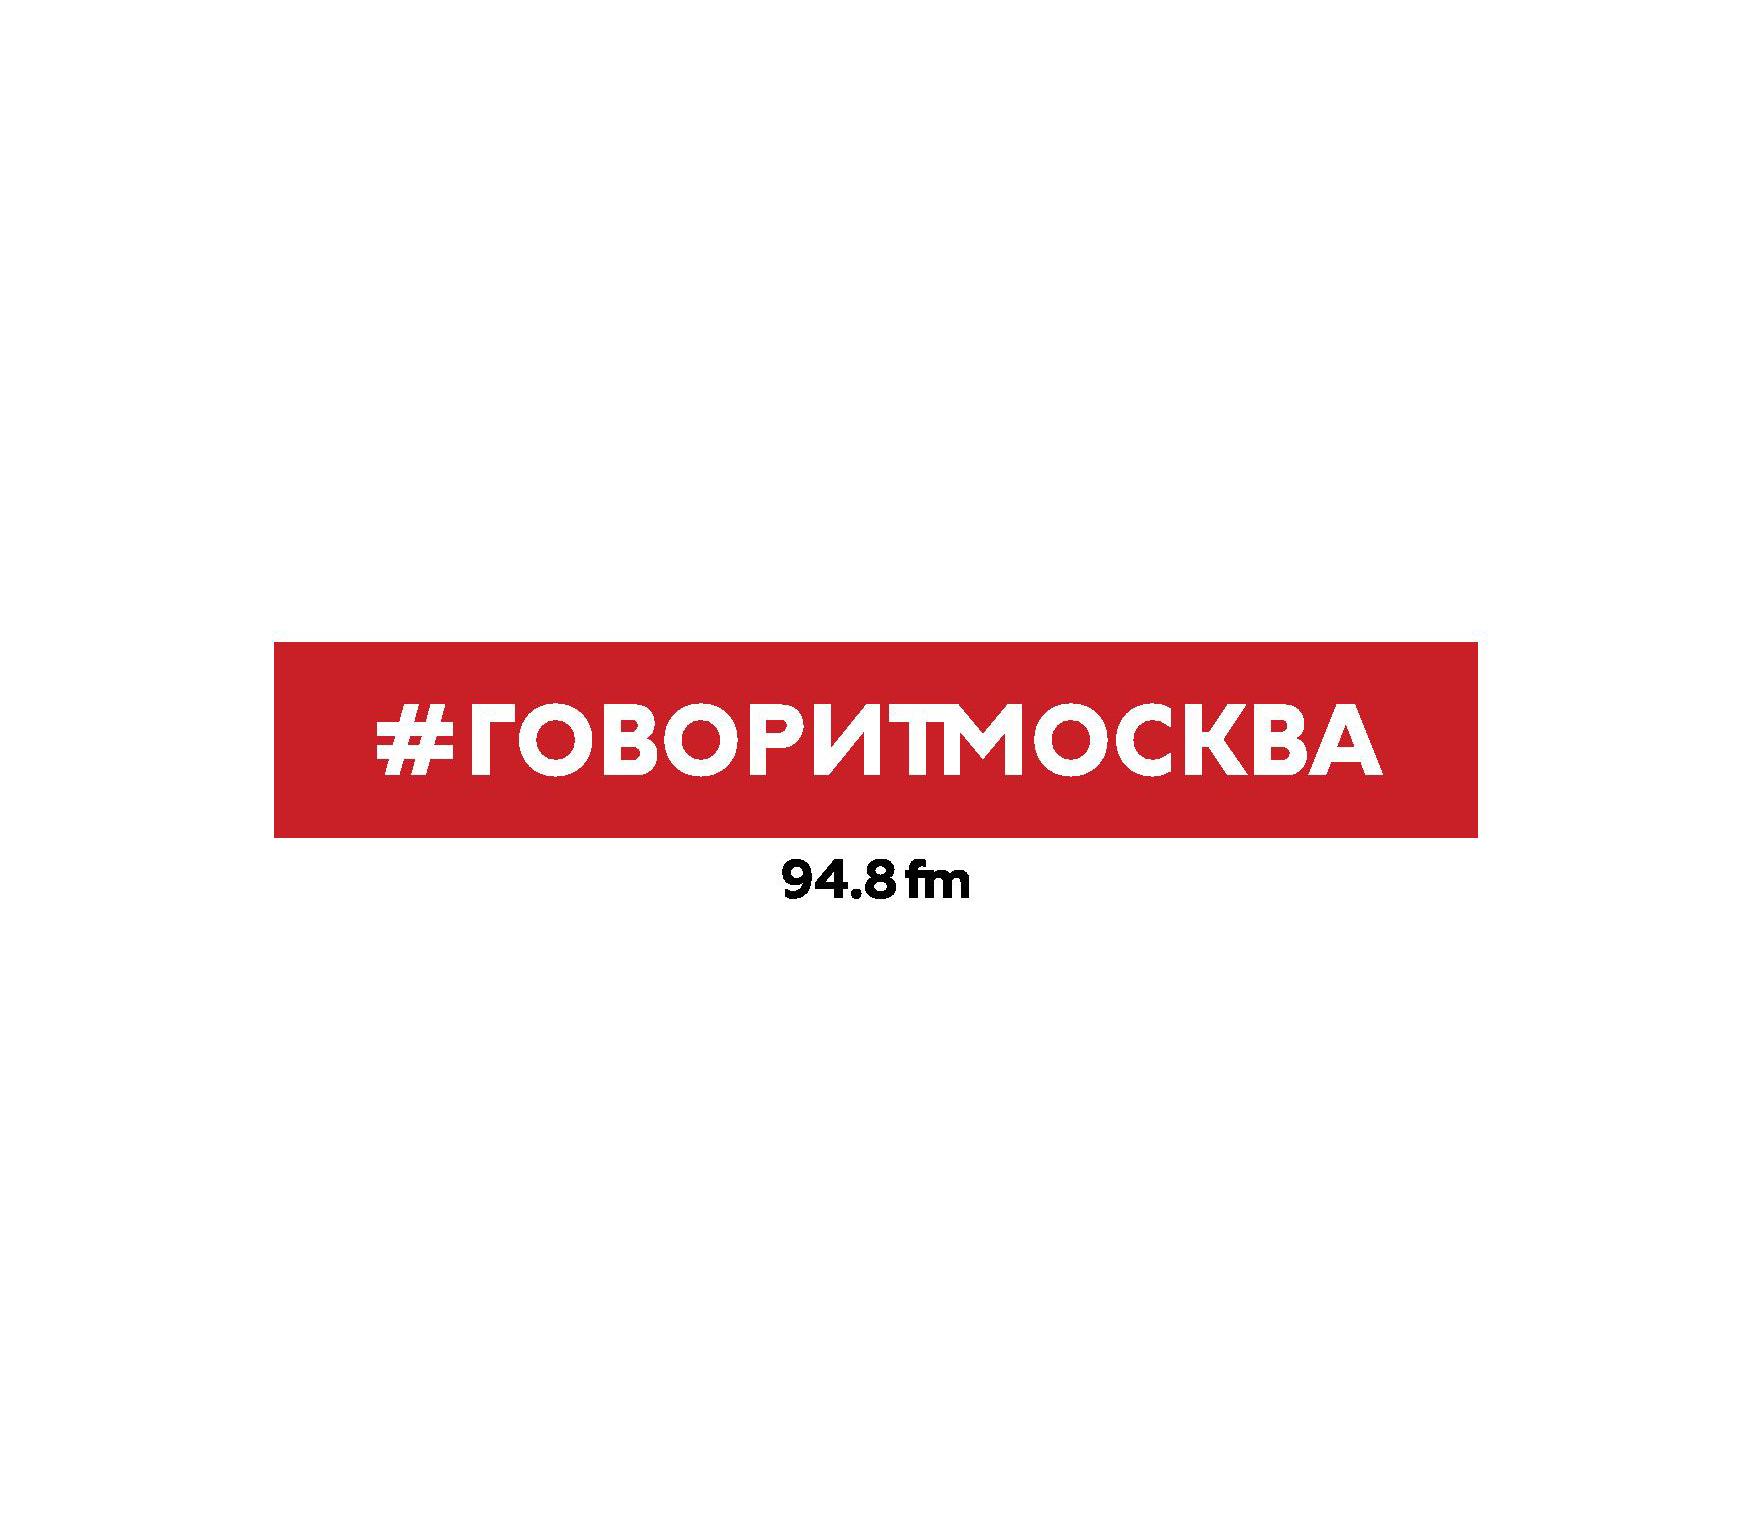 Макс Челноков 11 апреля. Алексей Неклюдов алексей челноков ксения собчак проект против всех